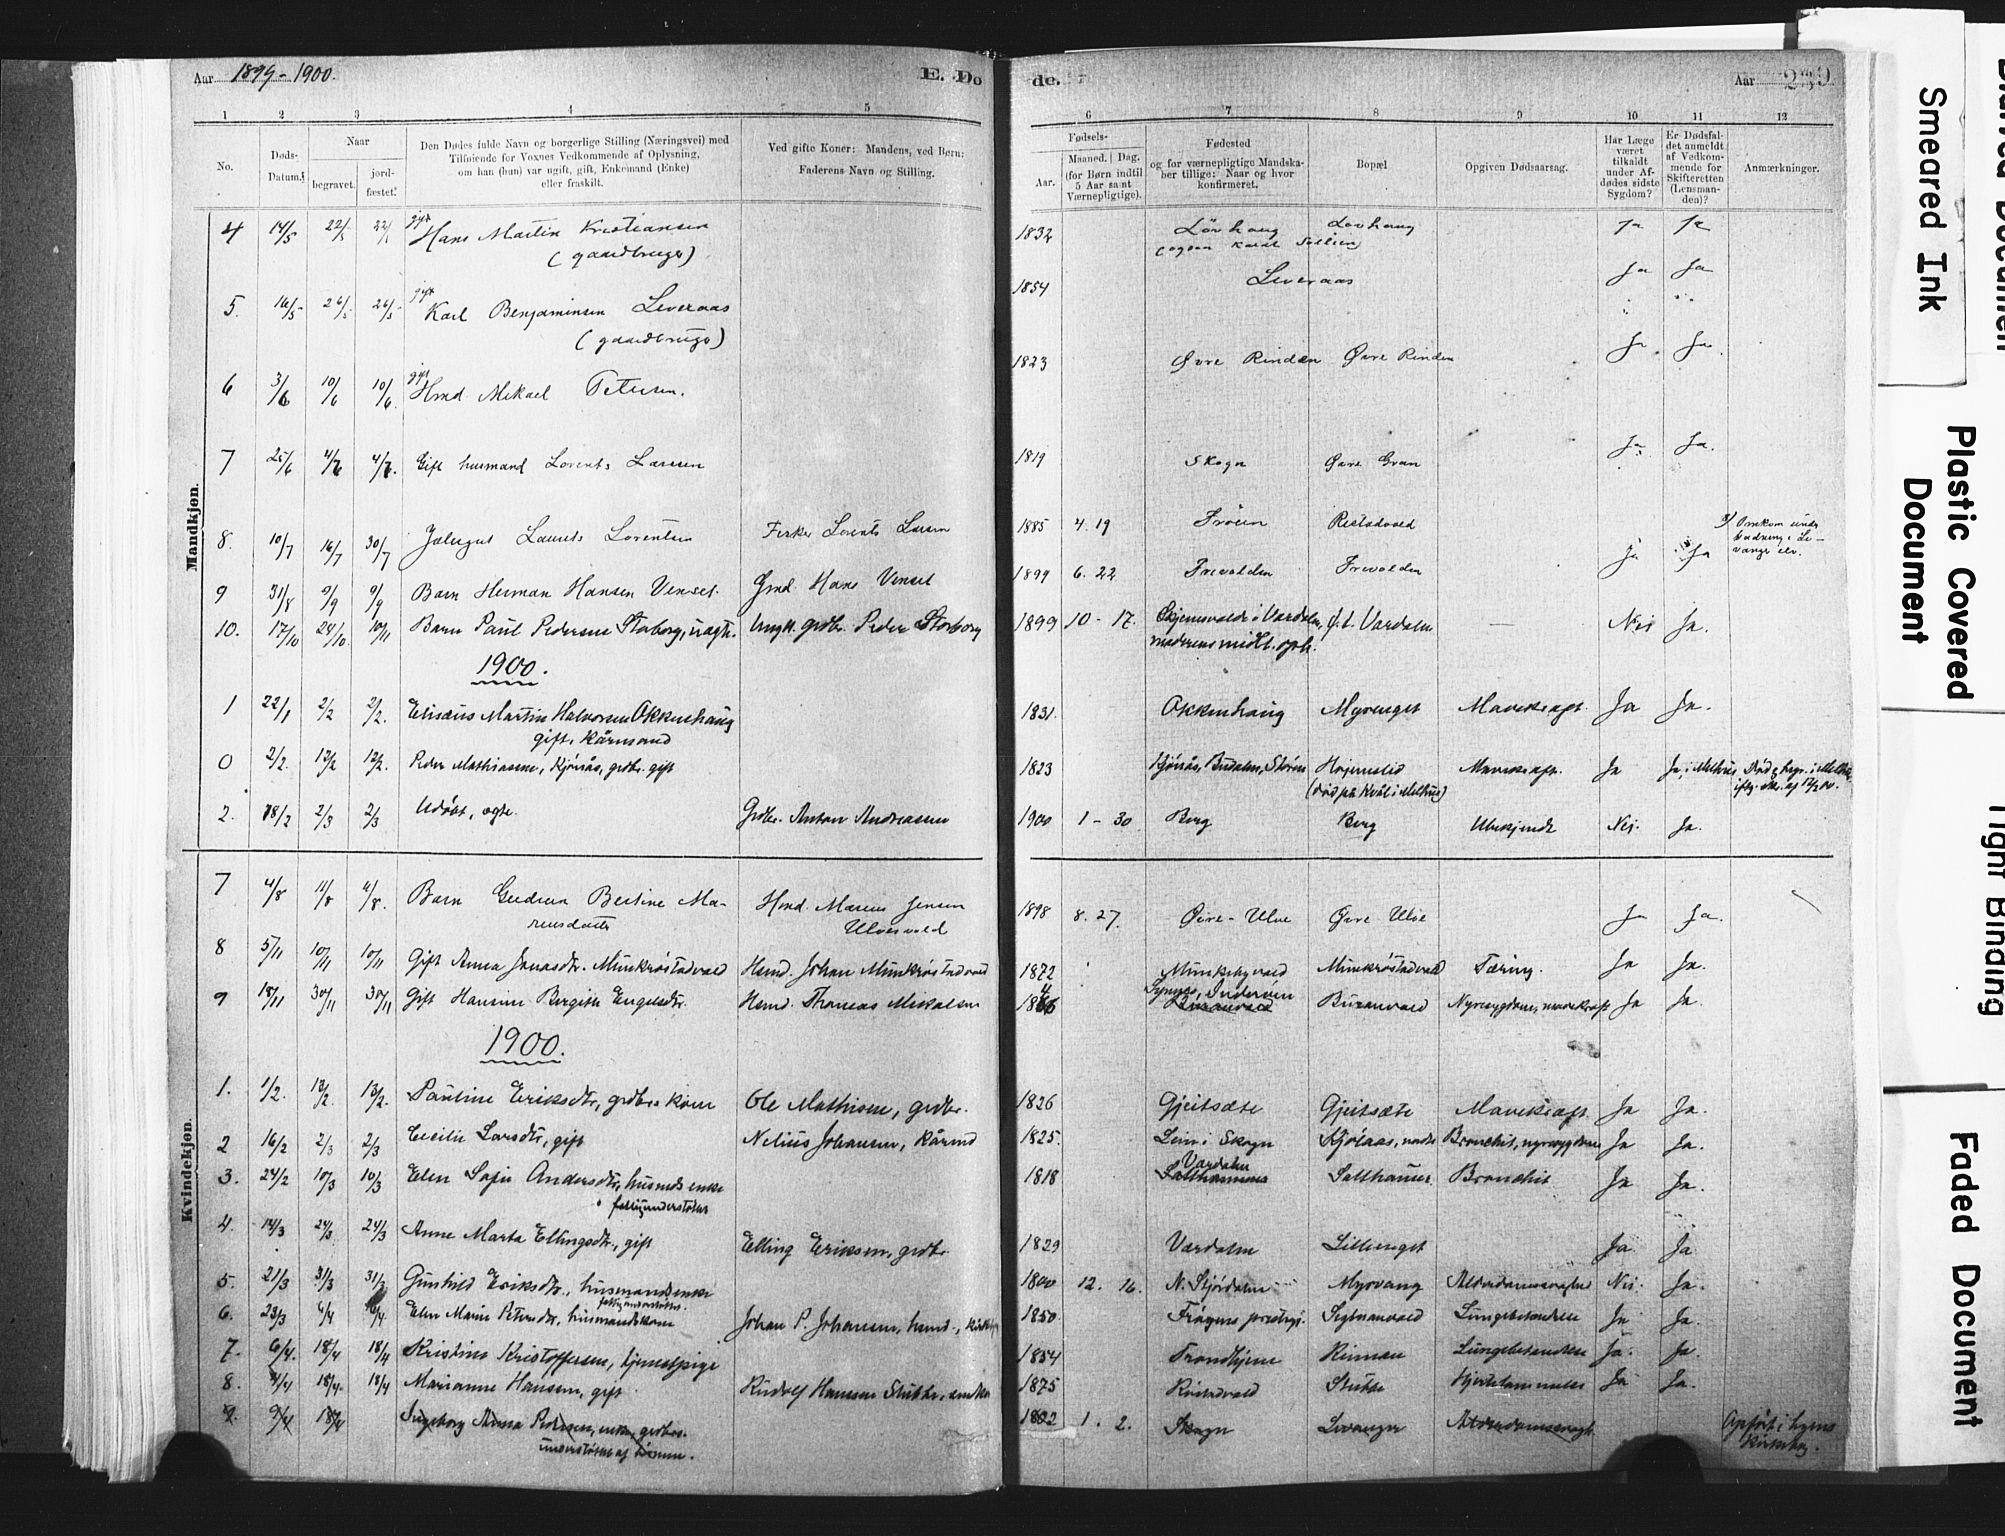 SAT, Ministerialprotokoller, klokkerbøker og fødselsregistre - Nord-Trøndelag, 721/L0207: Ministerialbok nr. 721A02, 1880-1911, s. 239